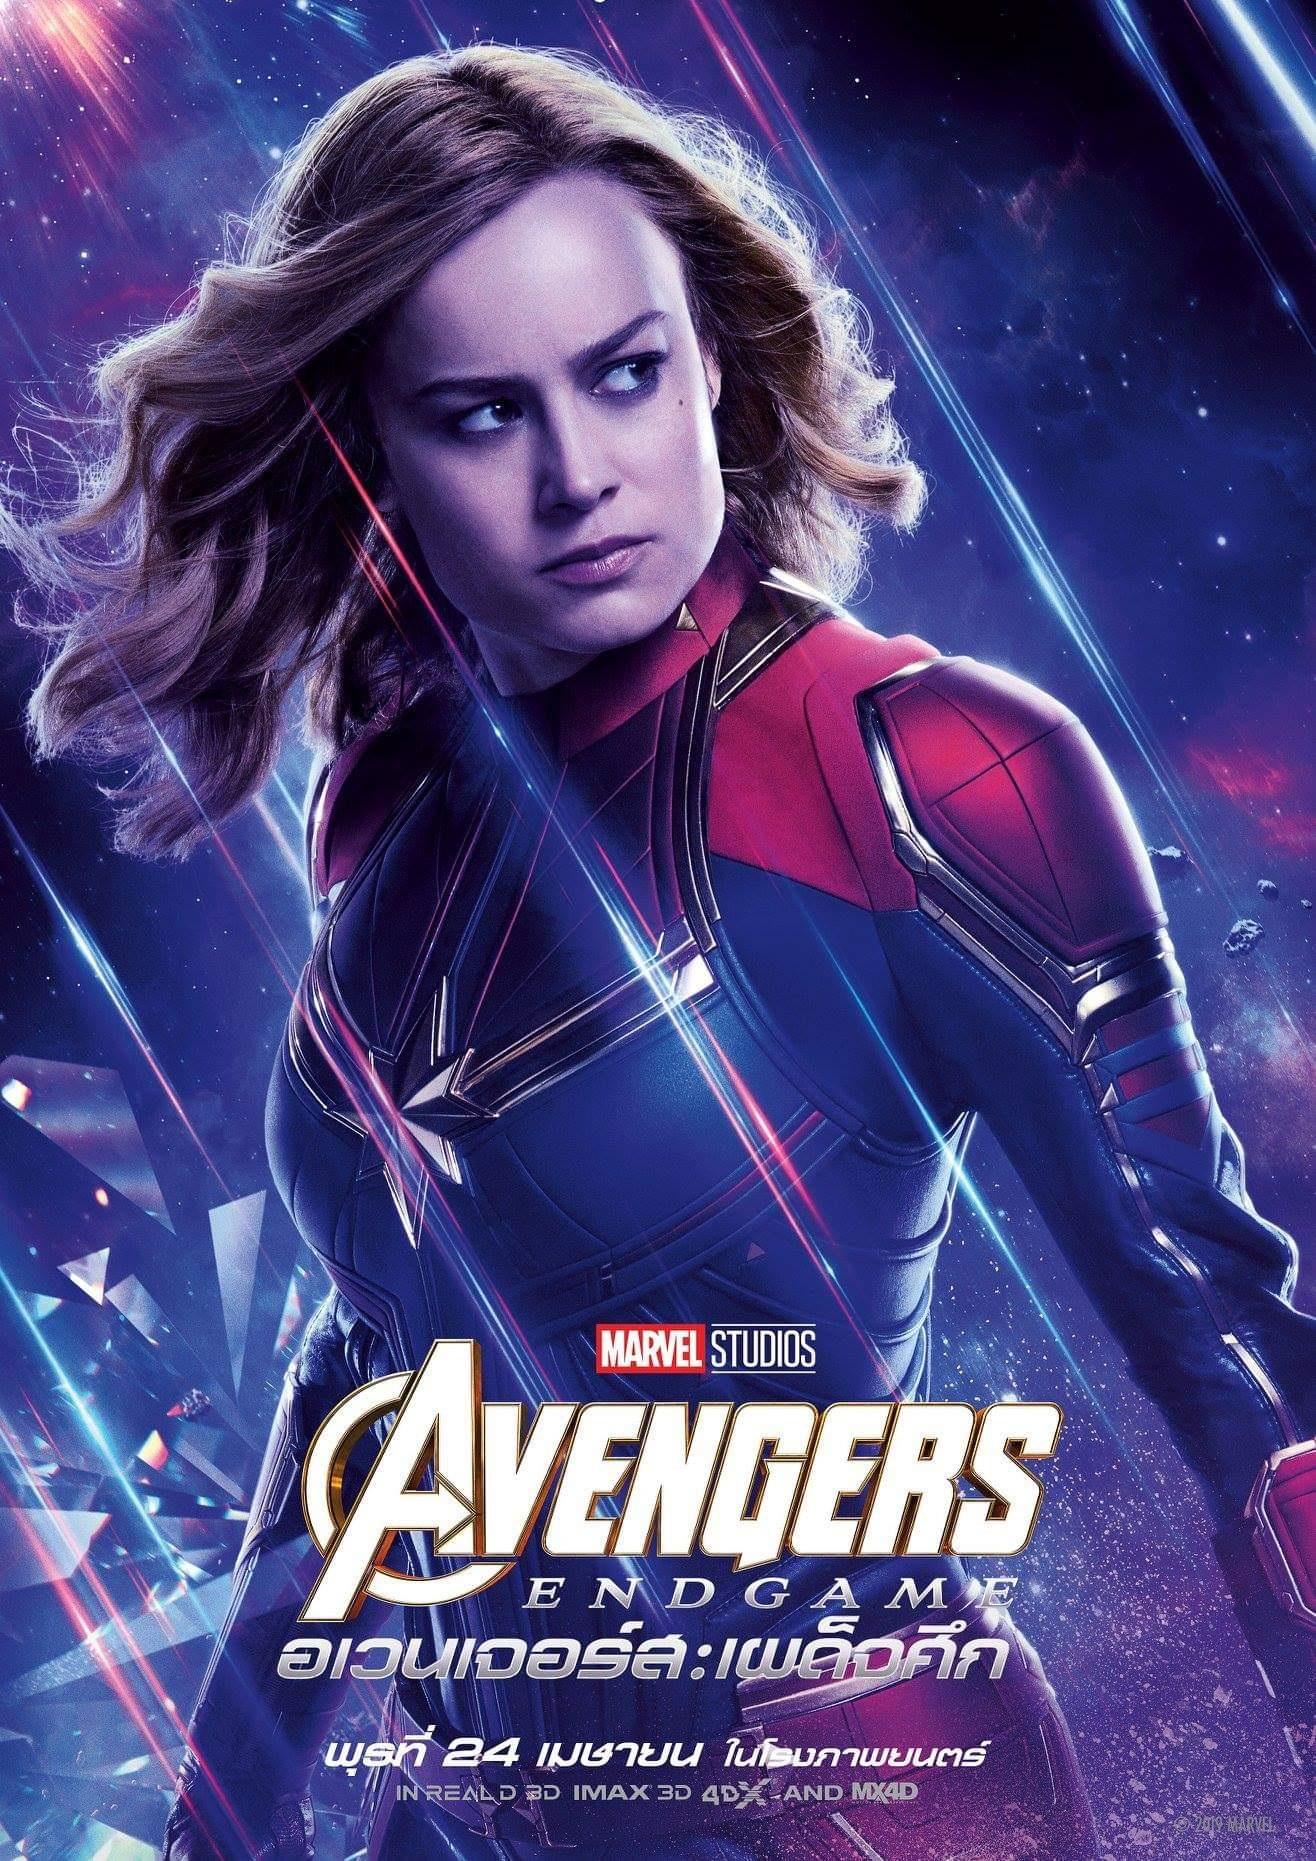 Endgame international character poster for Captain Marvel